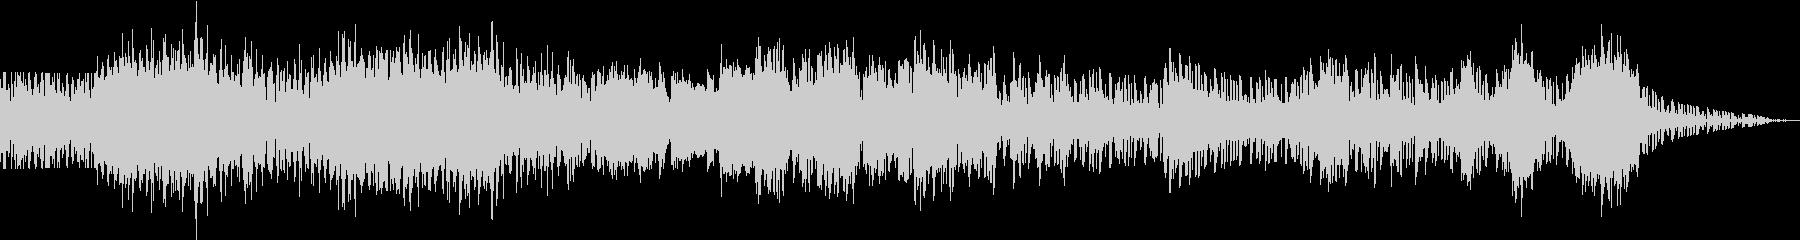 使いやすい EDM BGM の未再生の波形